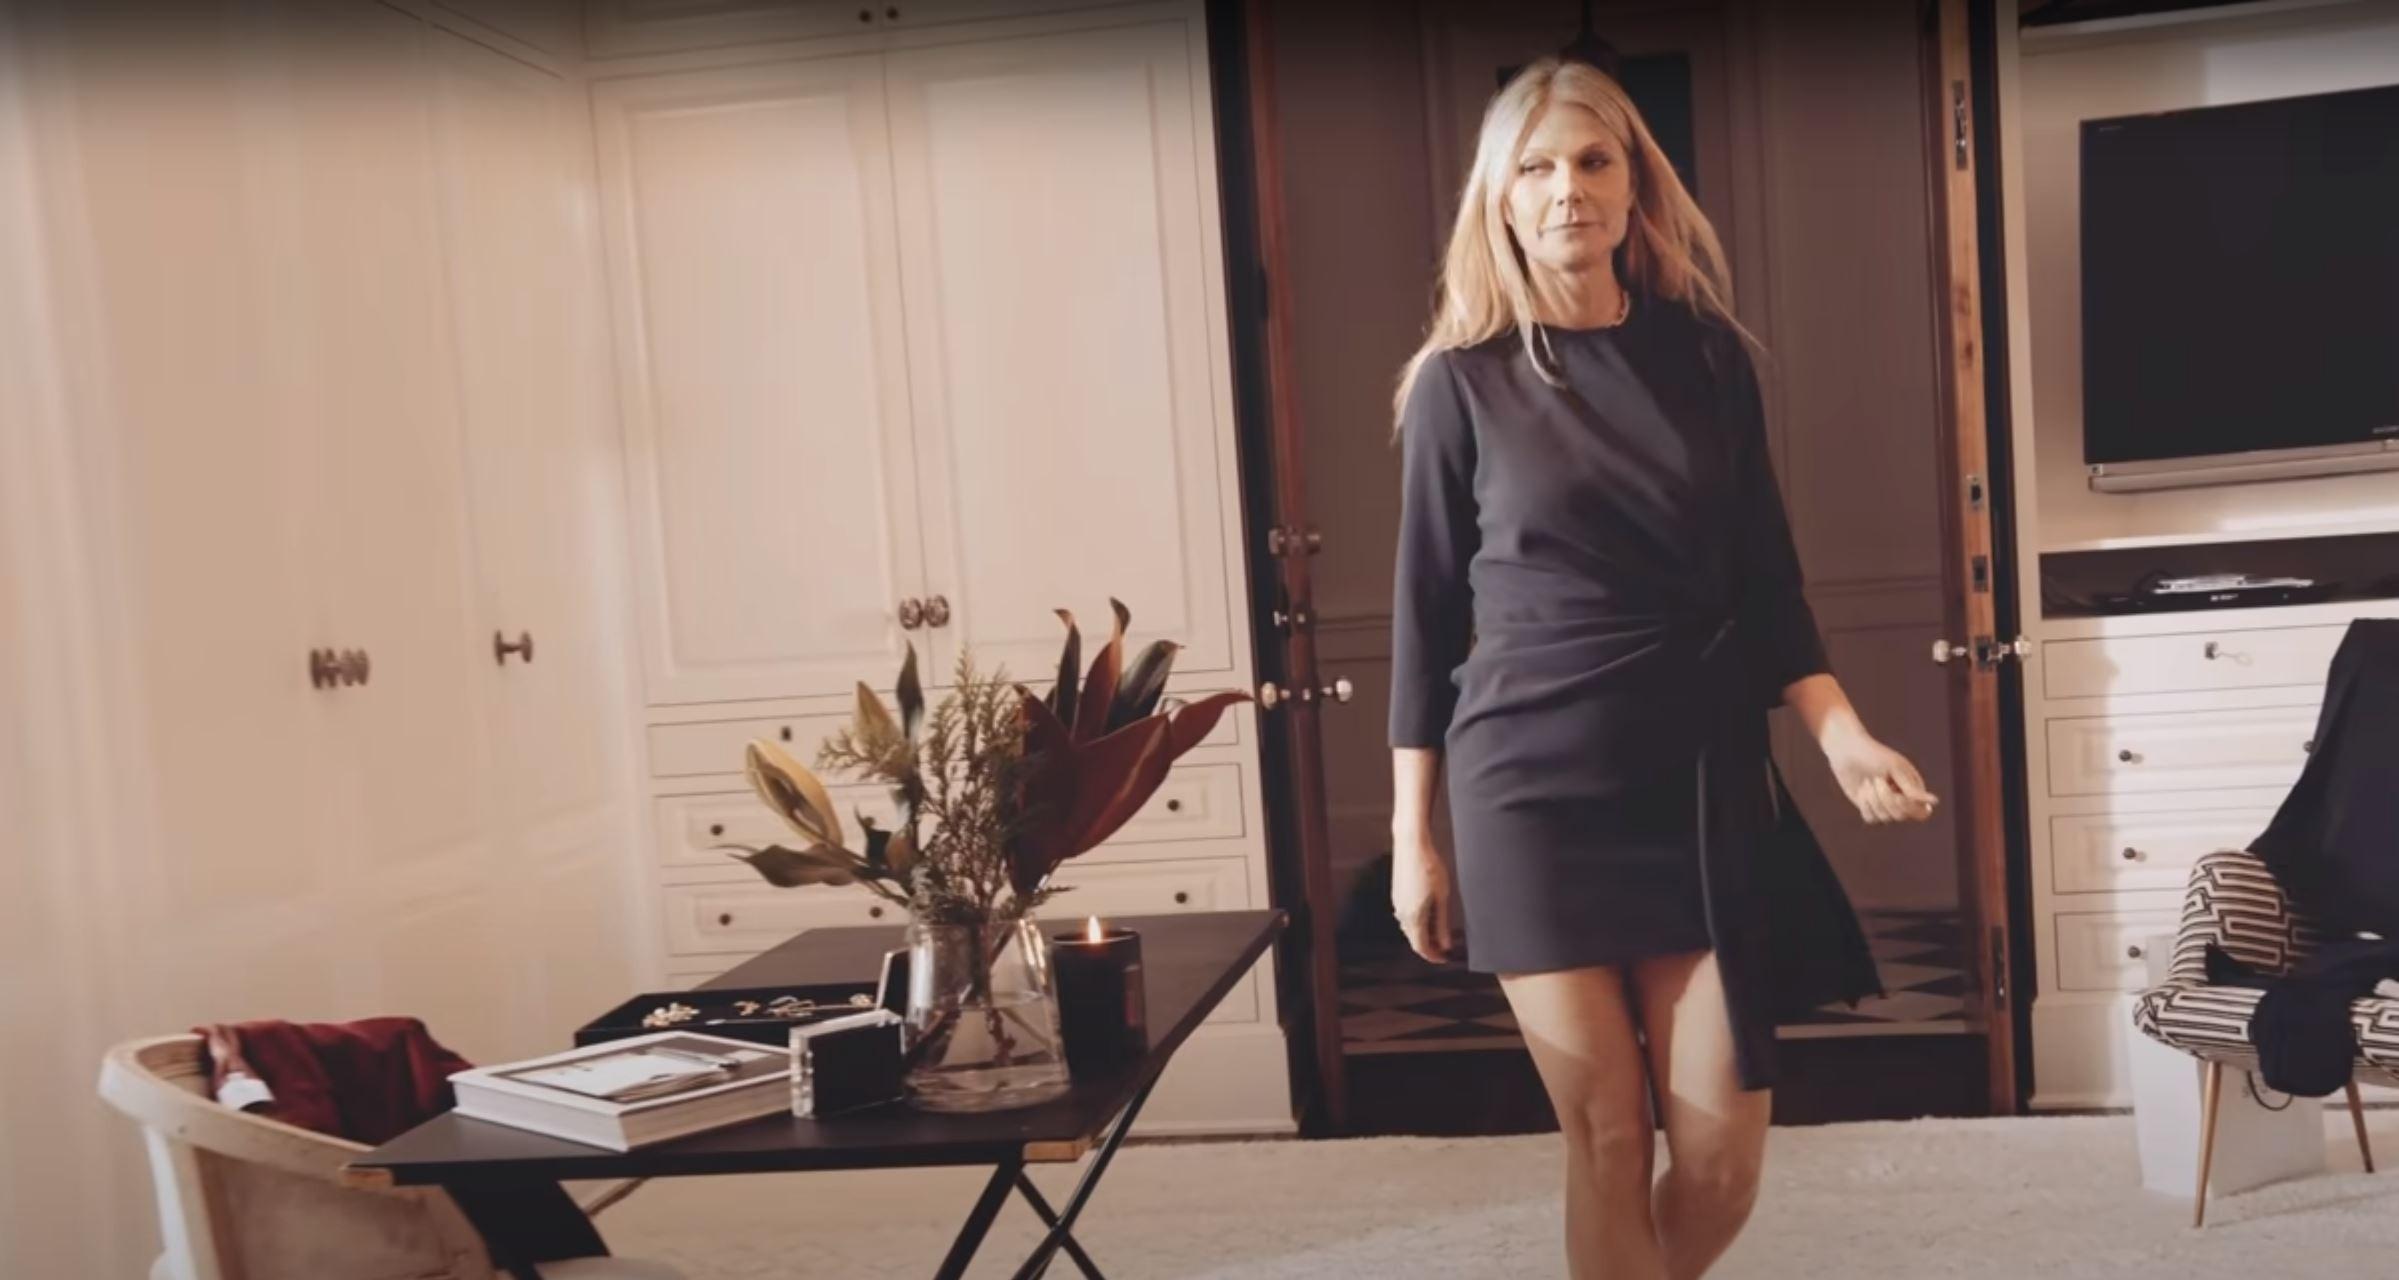 Gwyneth Paltrow's office